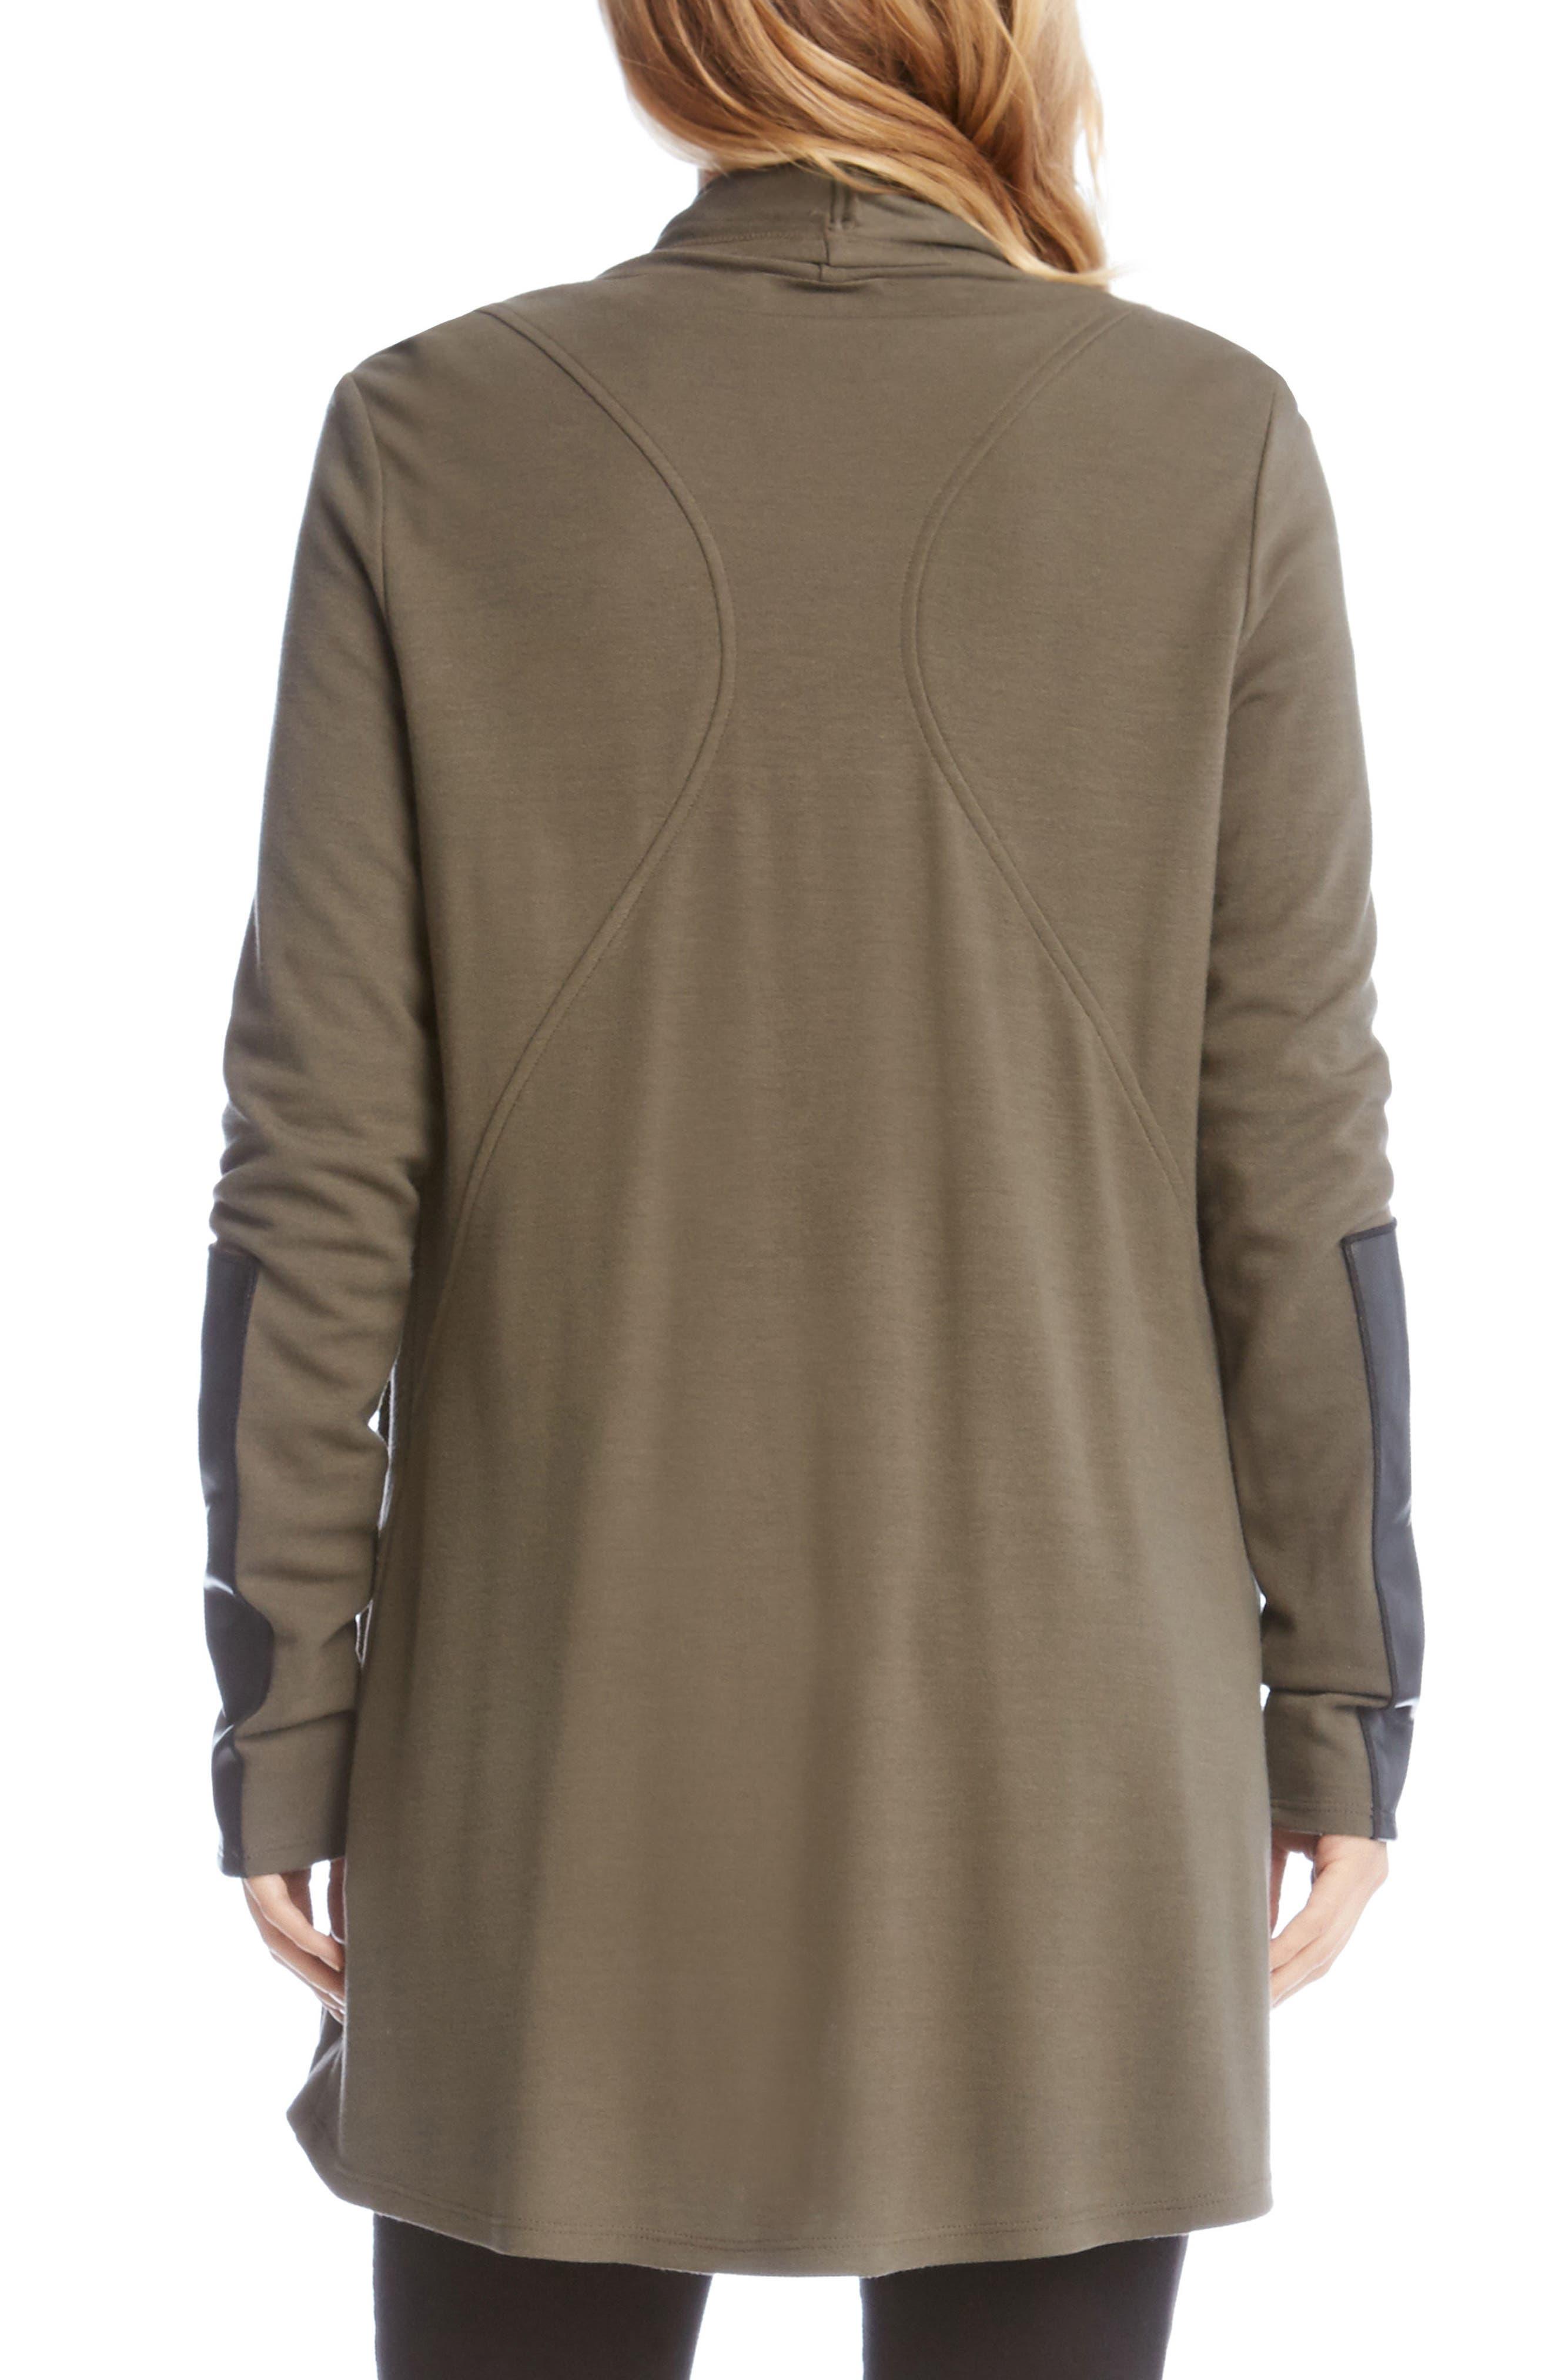 Faux Leather Patch Fleece Knit Jacket,                             Alternate thumbnail 2, color,                             312